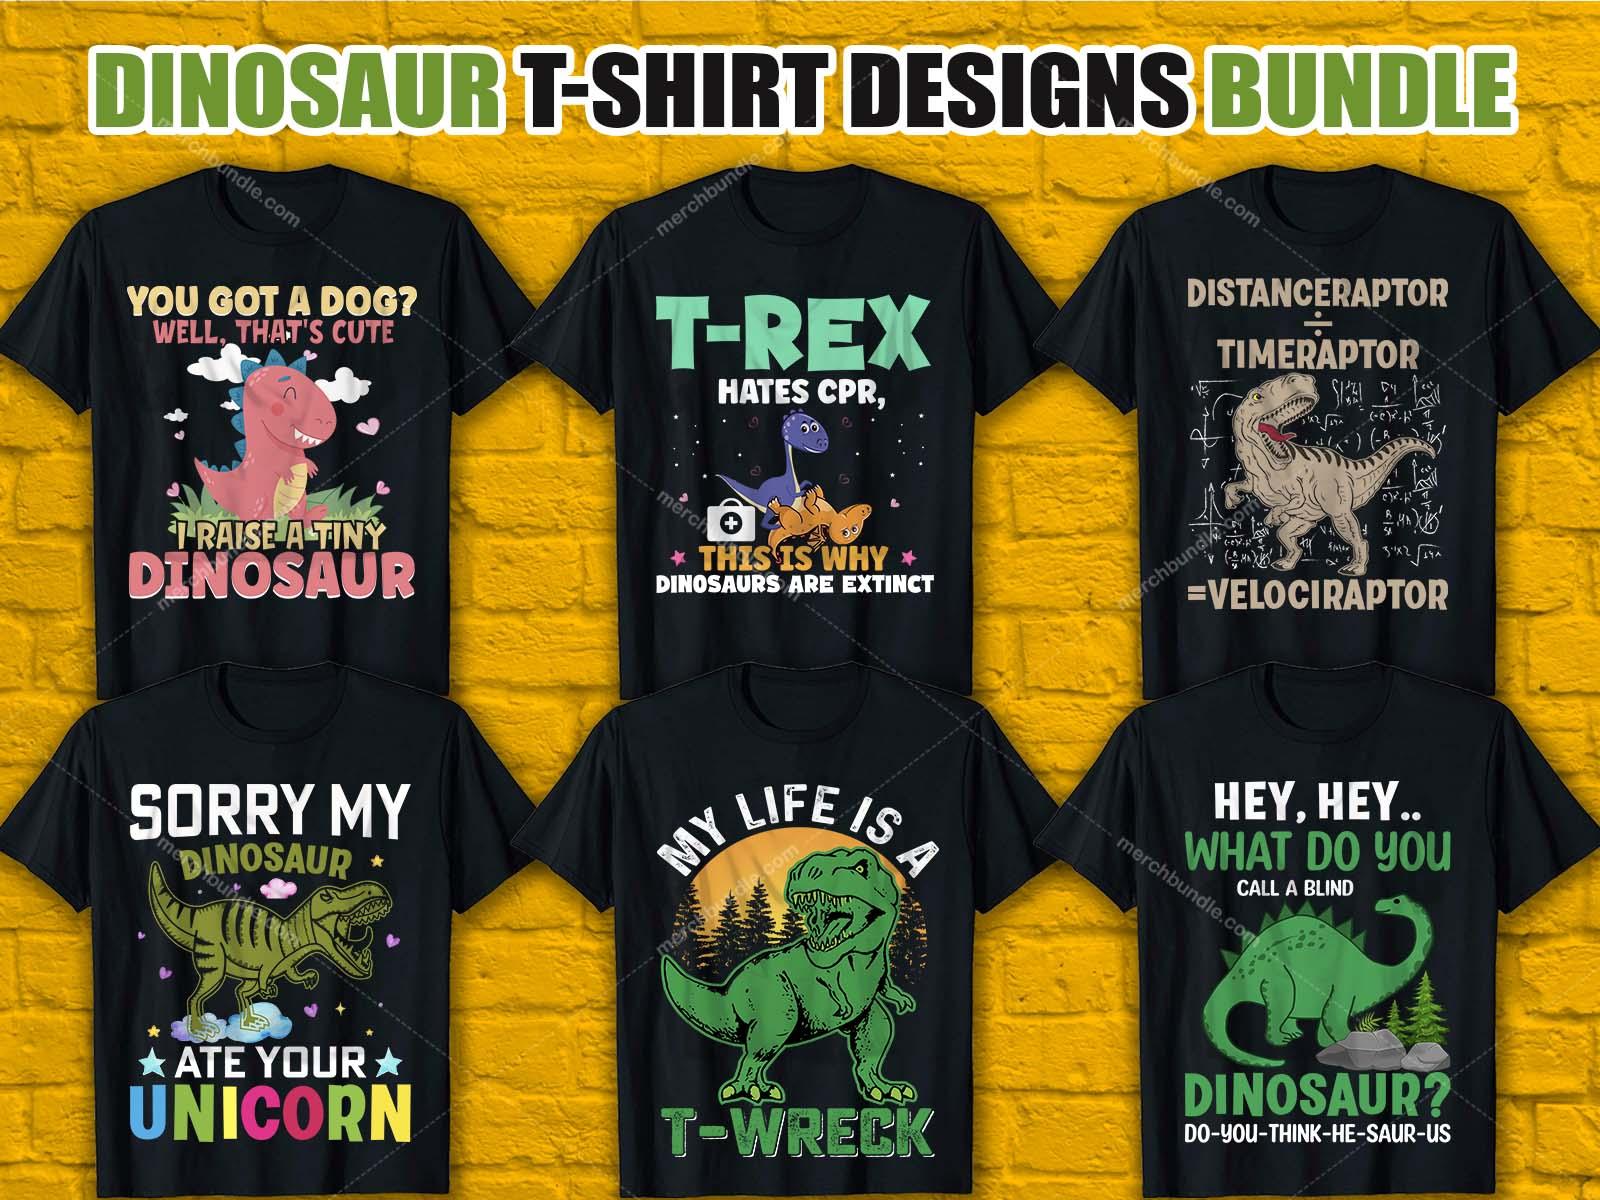 Dinosaur Shirts